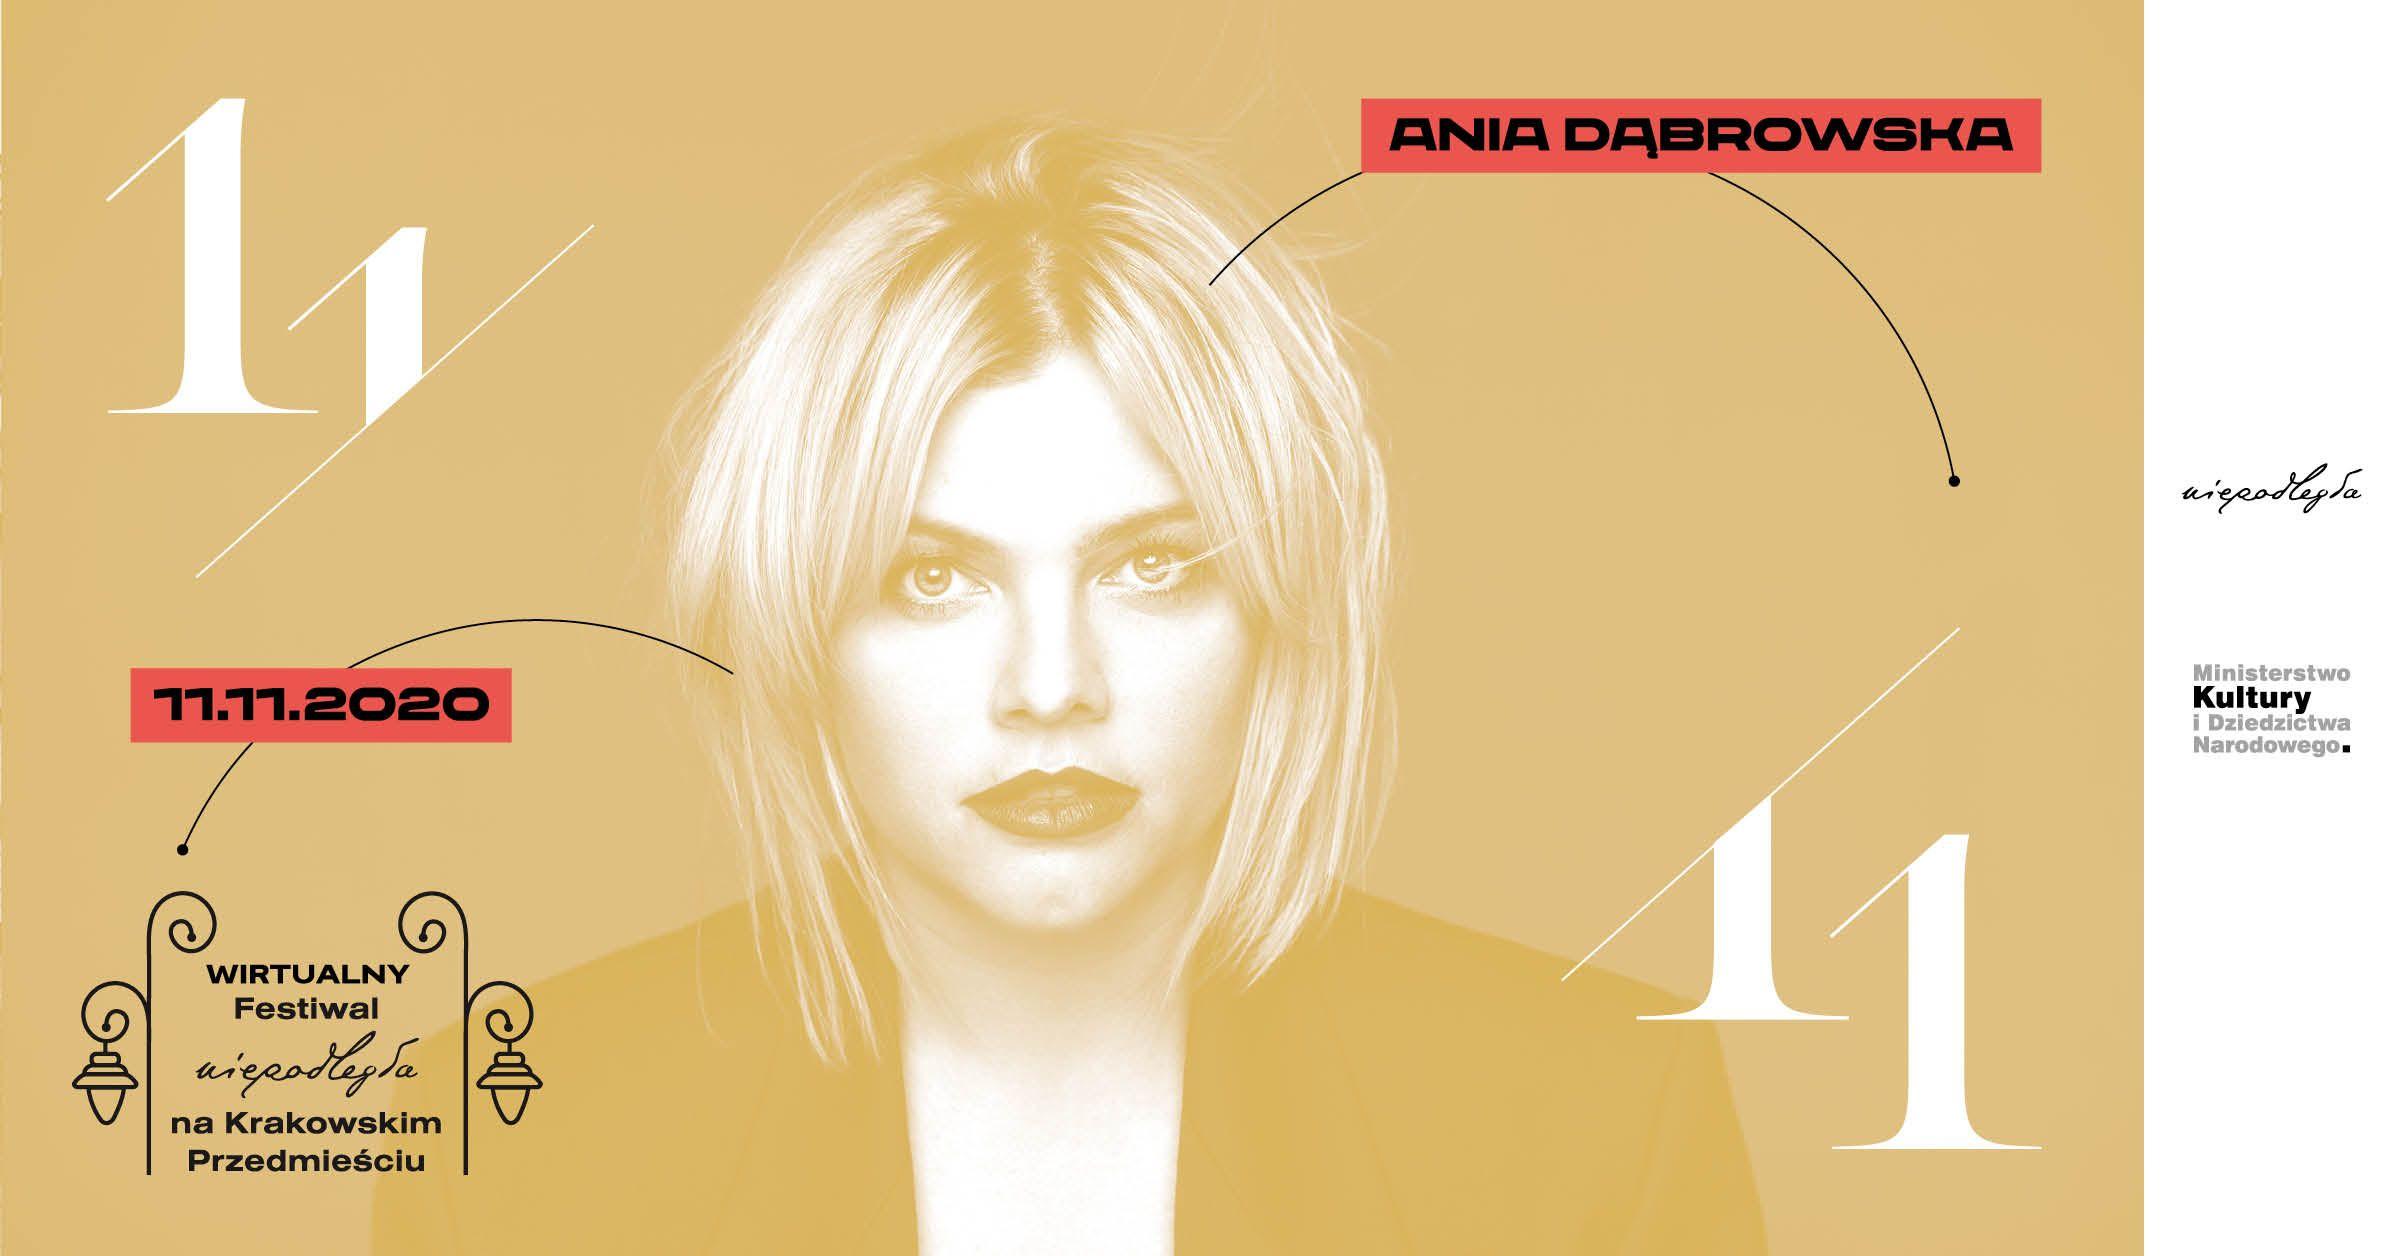 plakat z Anią Dąbrowską